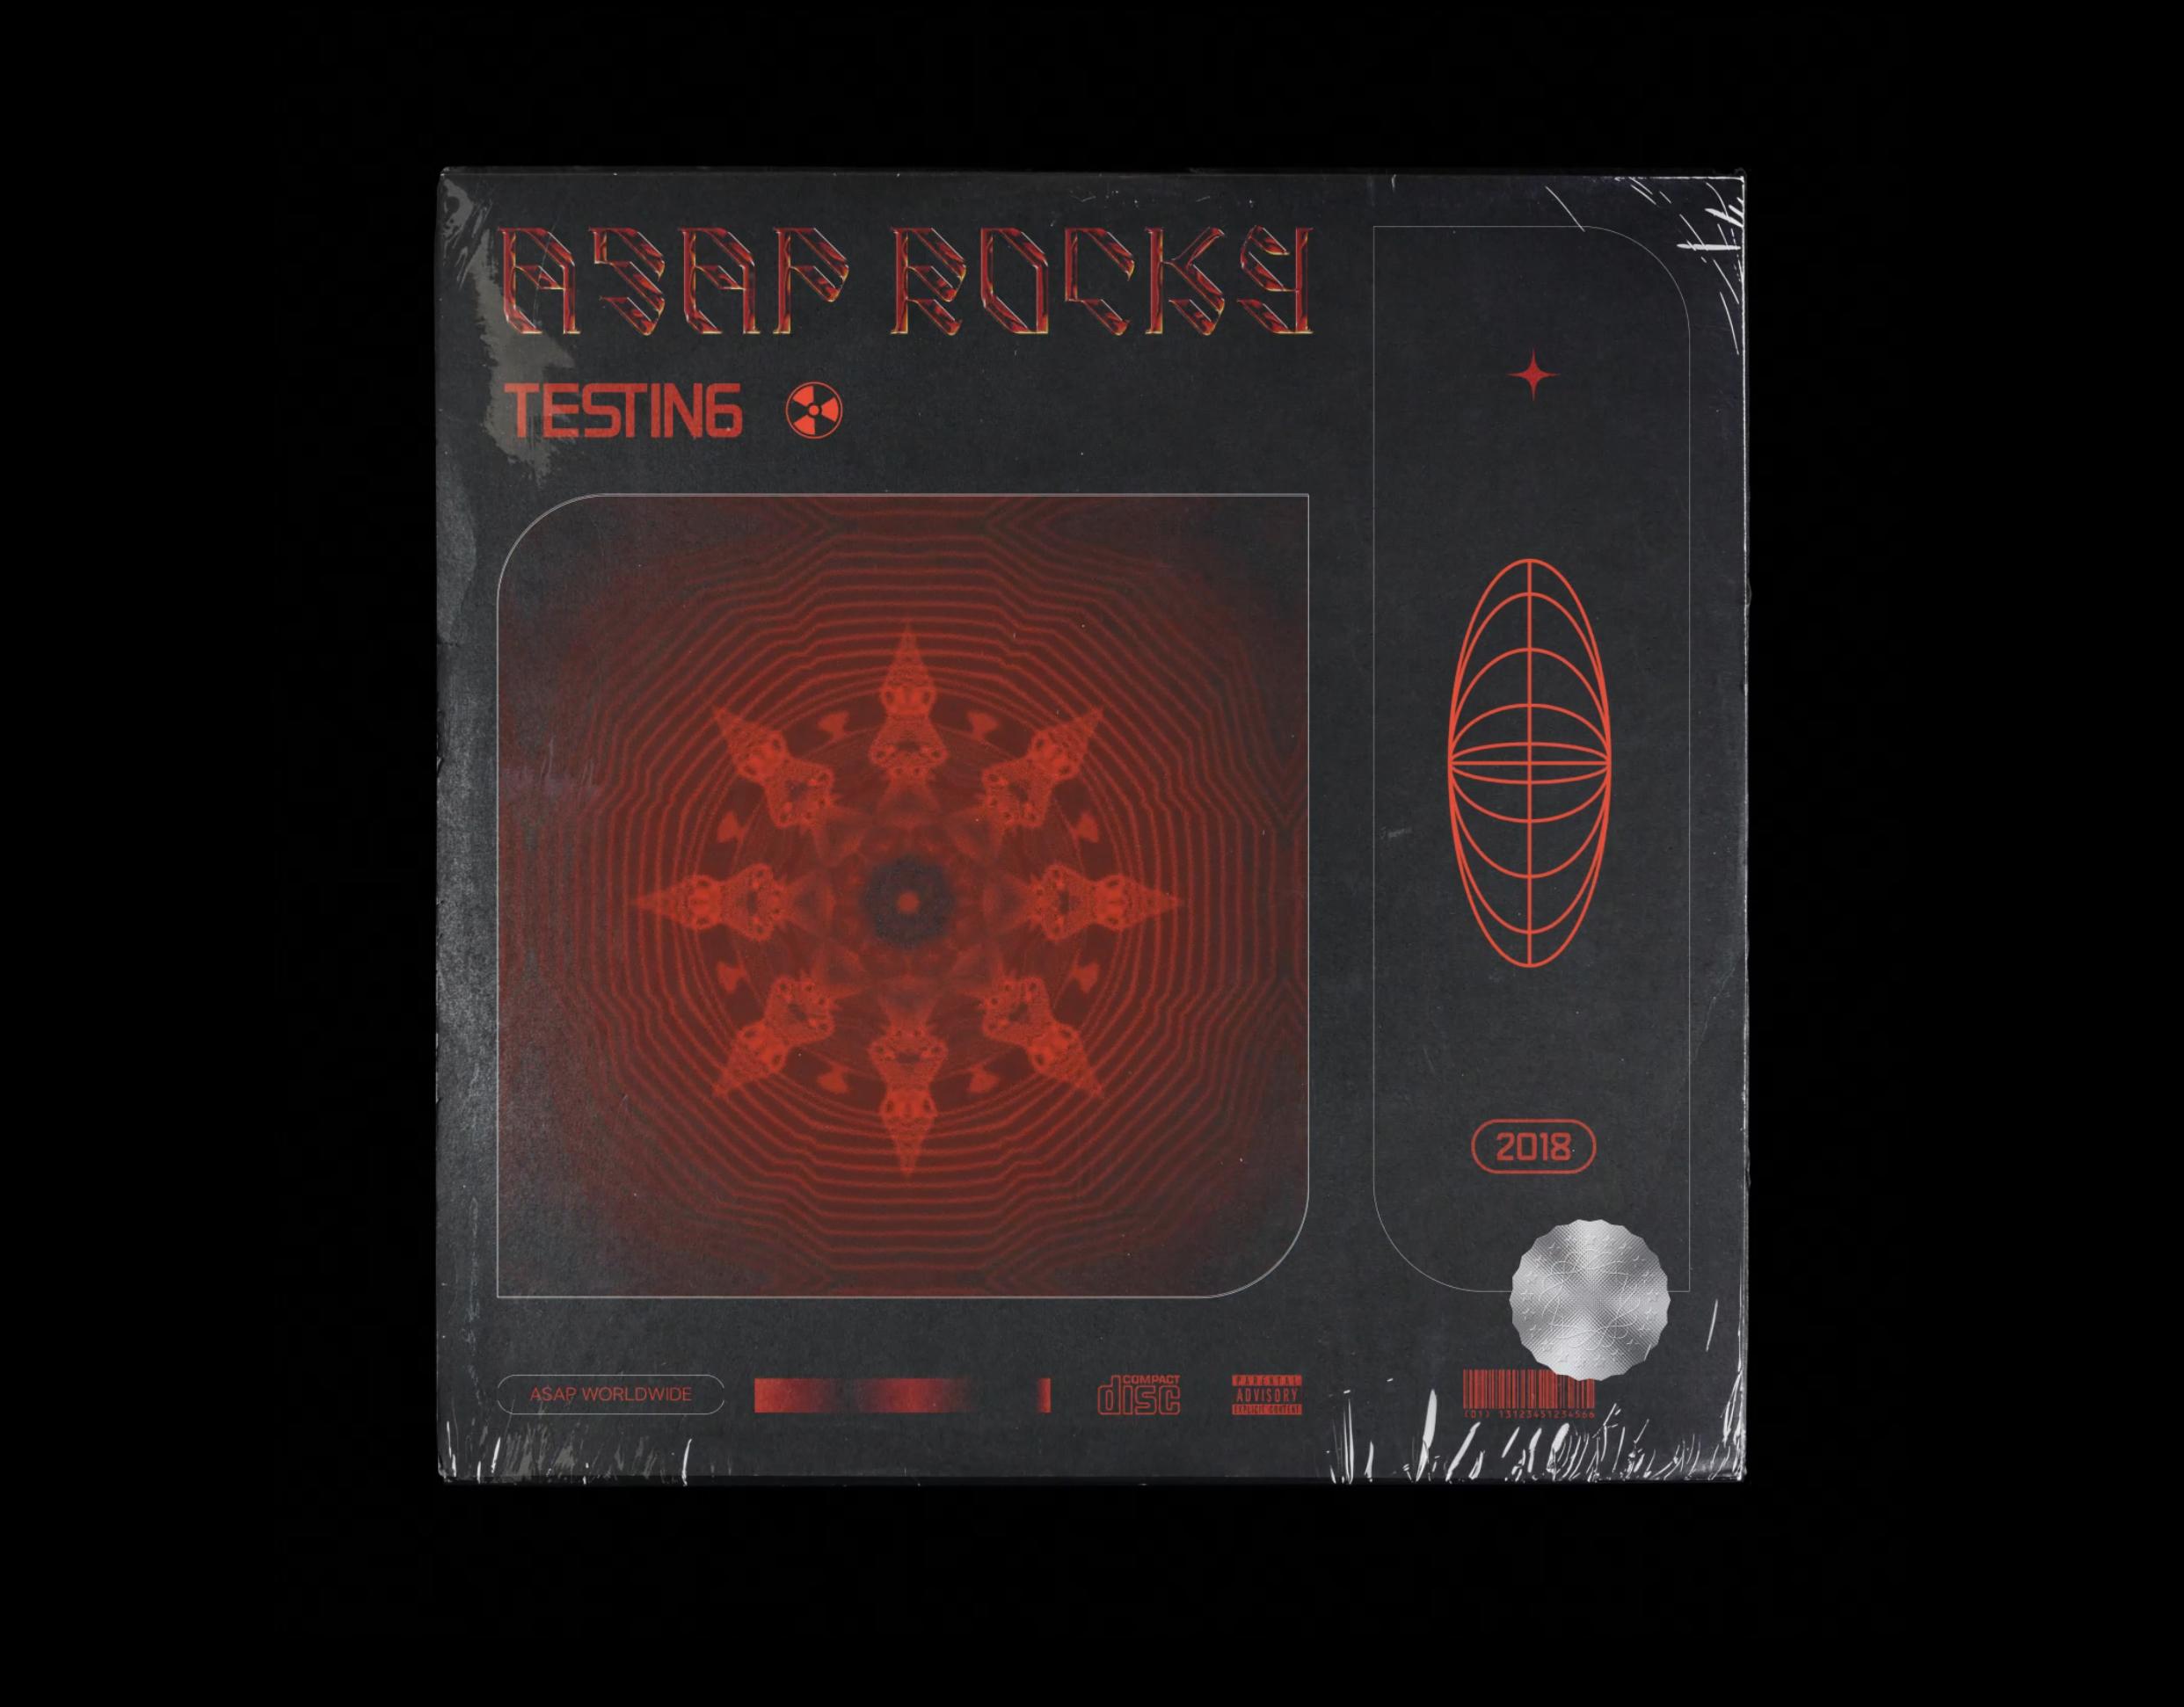 """Création de la pochette d'album """"TESTING"""" de Asap Rocky en motion design"""